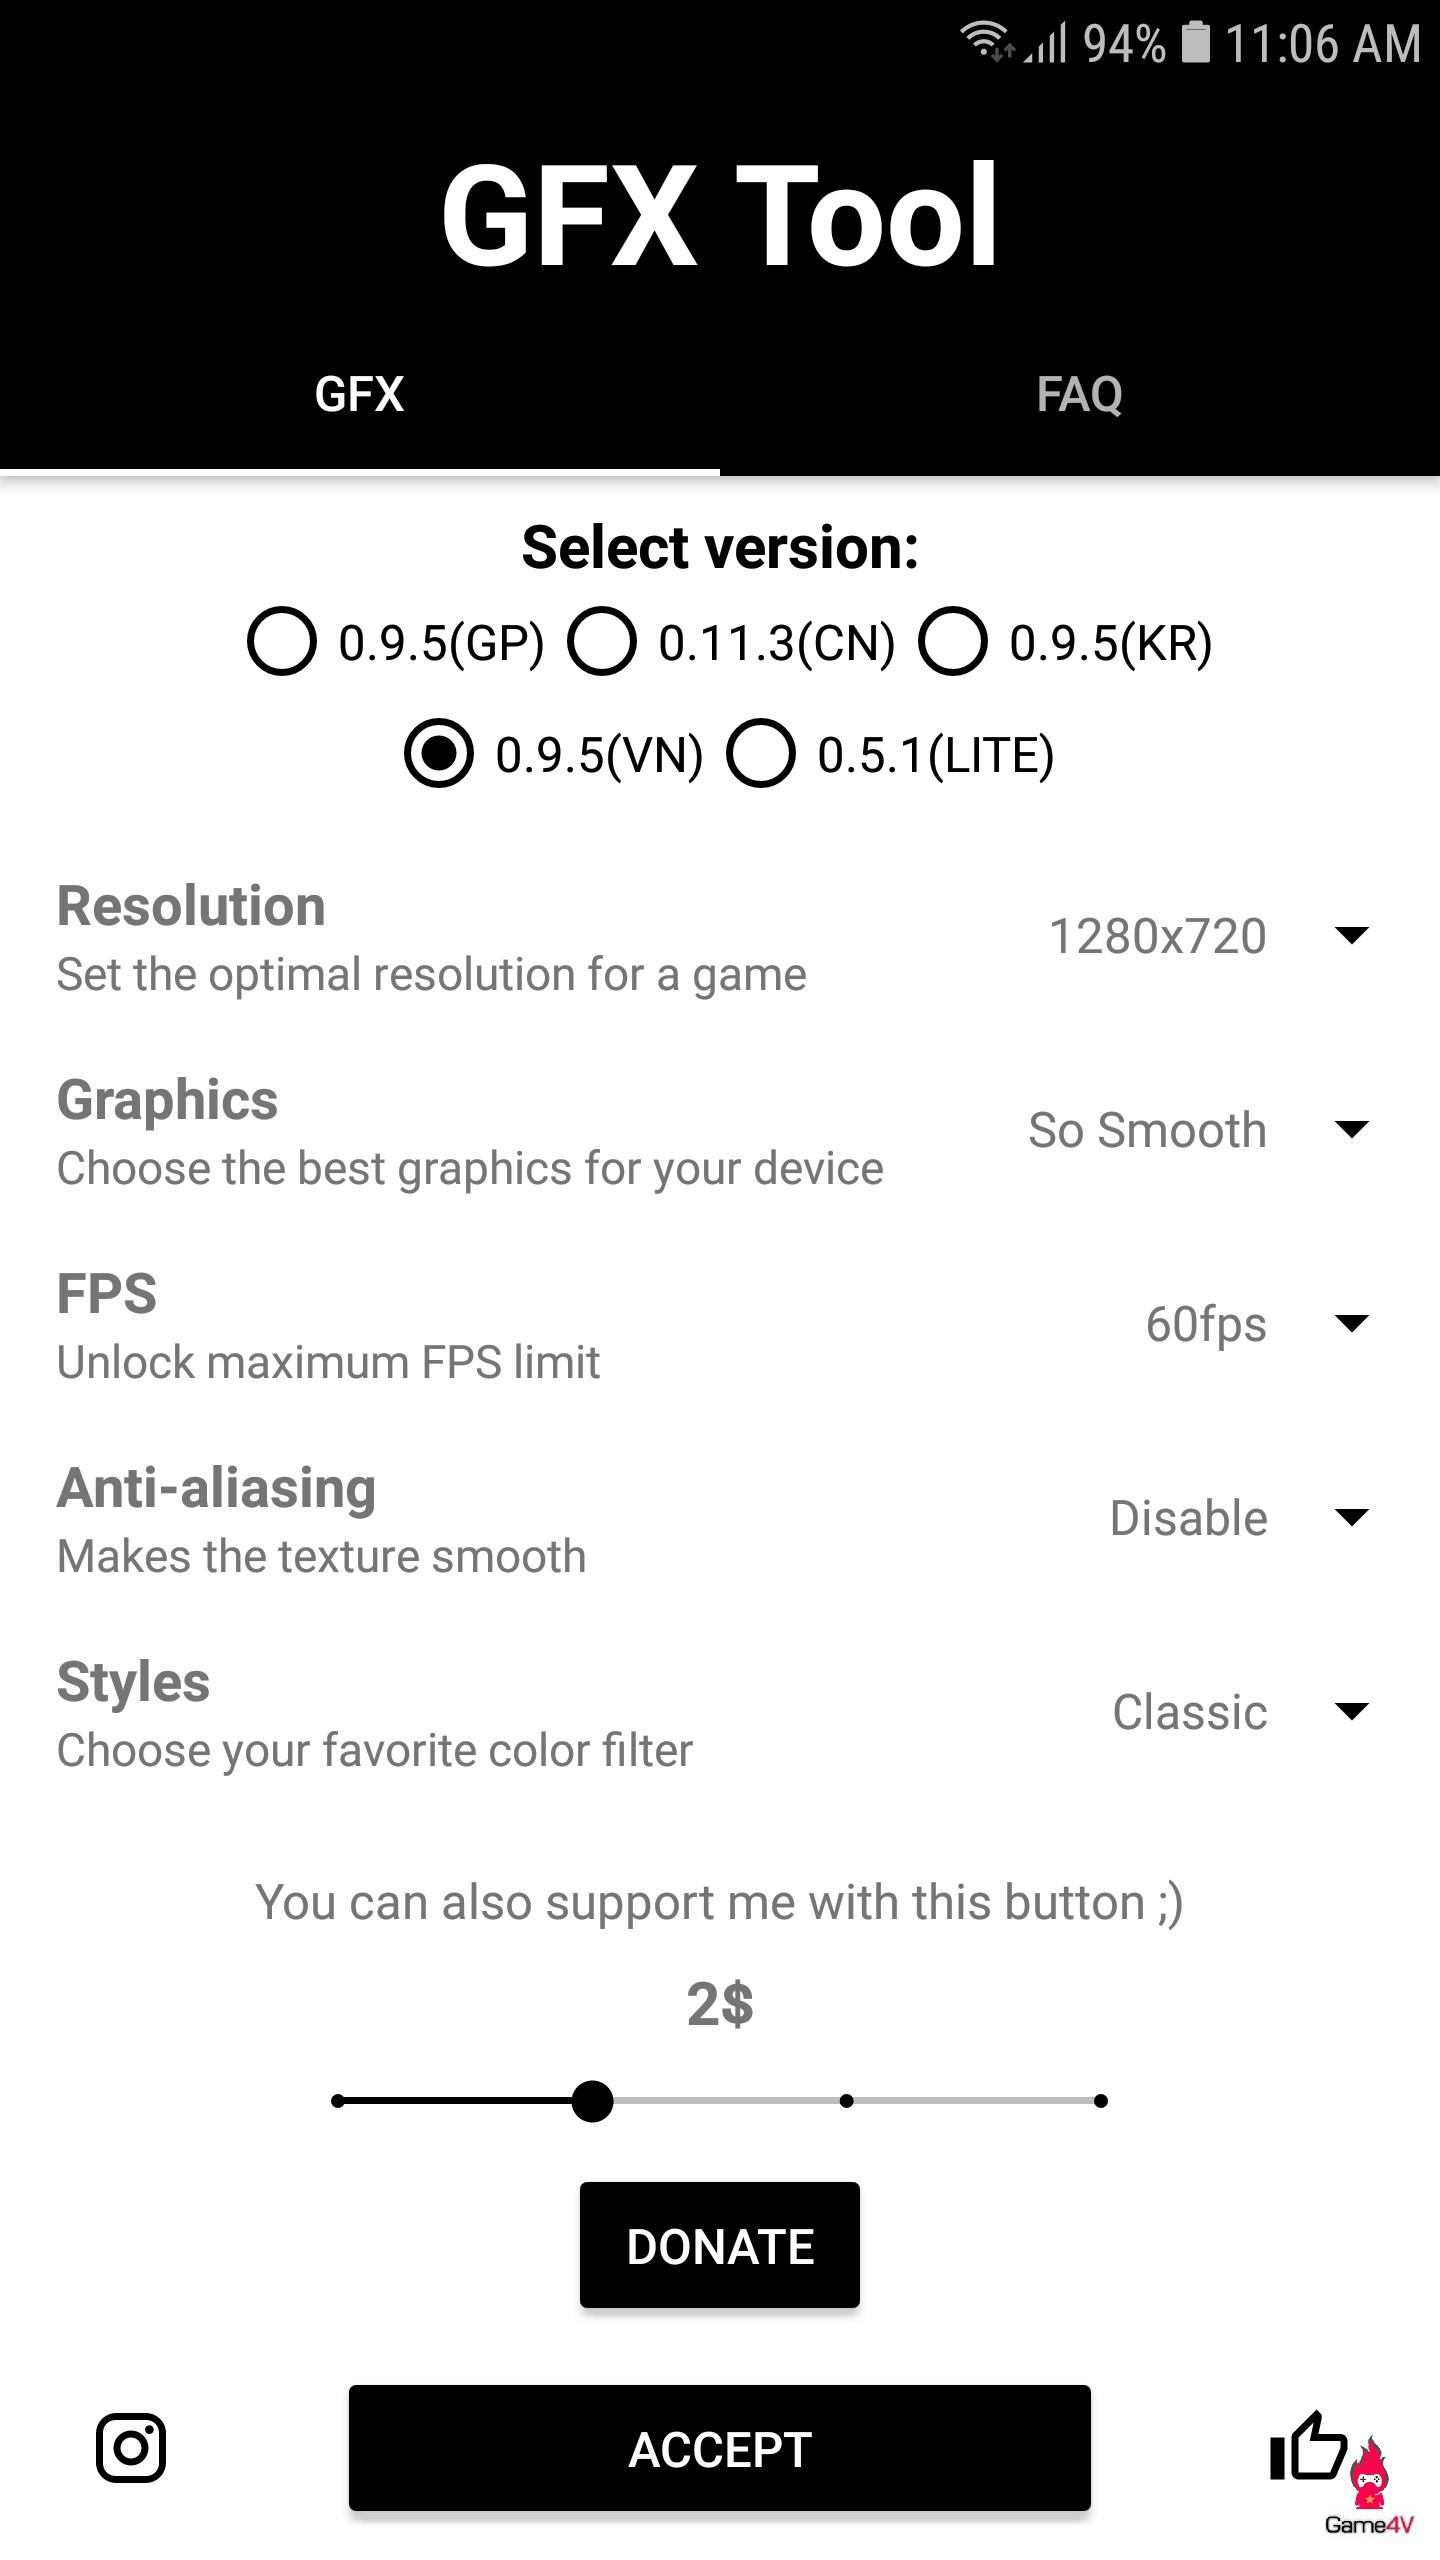 Ngay khi VNG vừa phát hành PUBG Mobile, GFX Tool cũng tung update hỗ trợ phiên bản Việt Nam - Hình 1